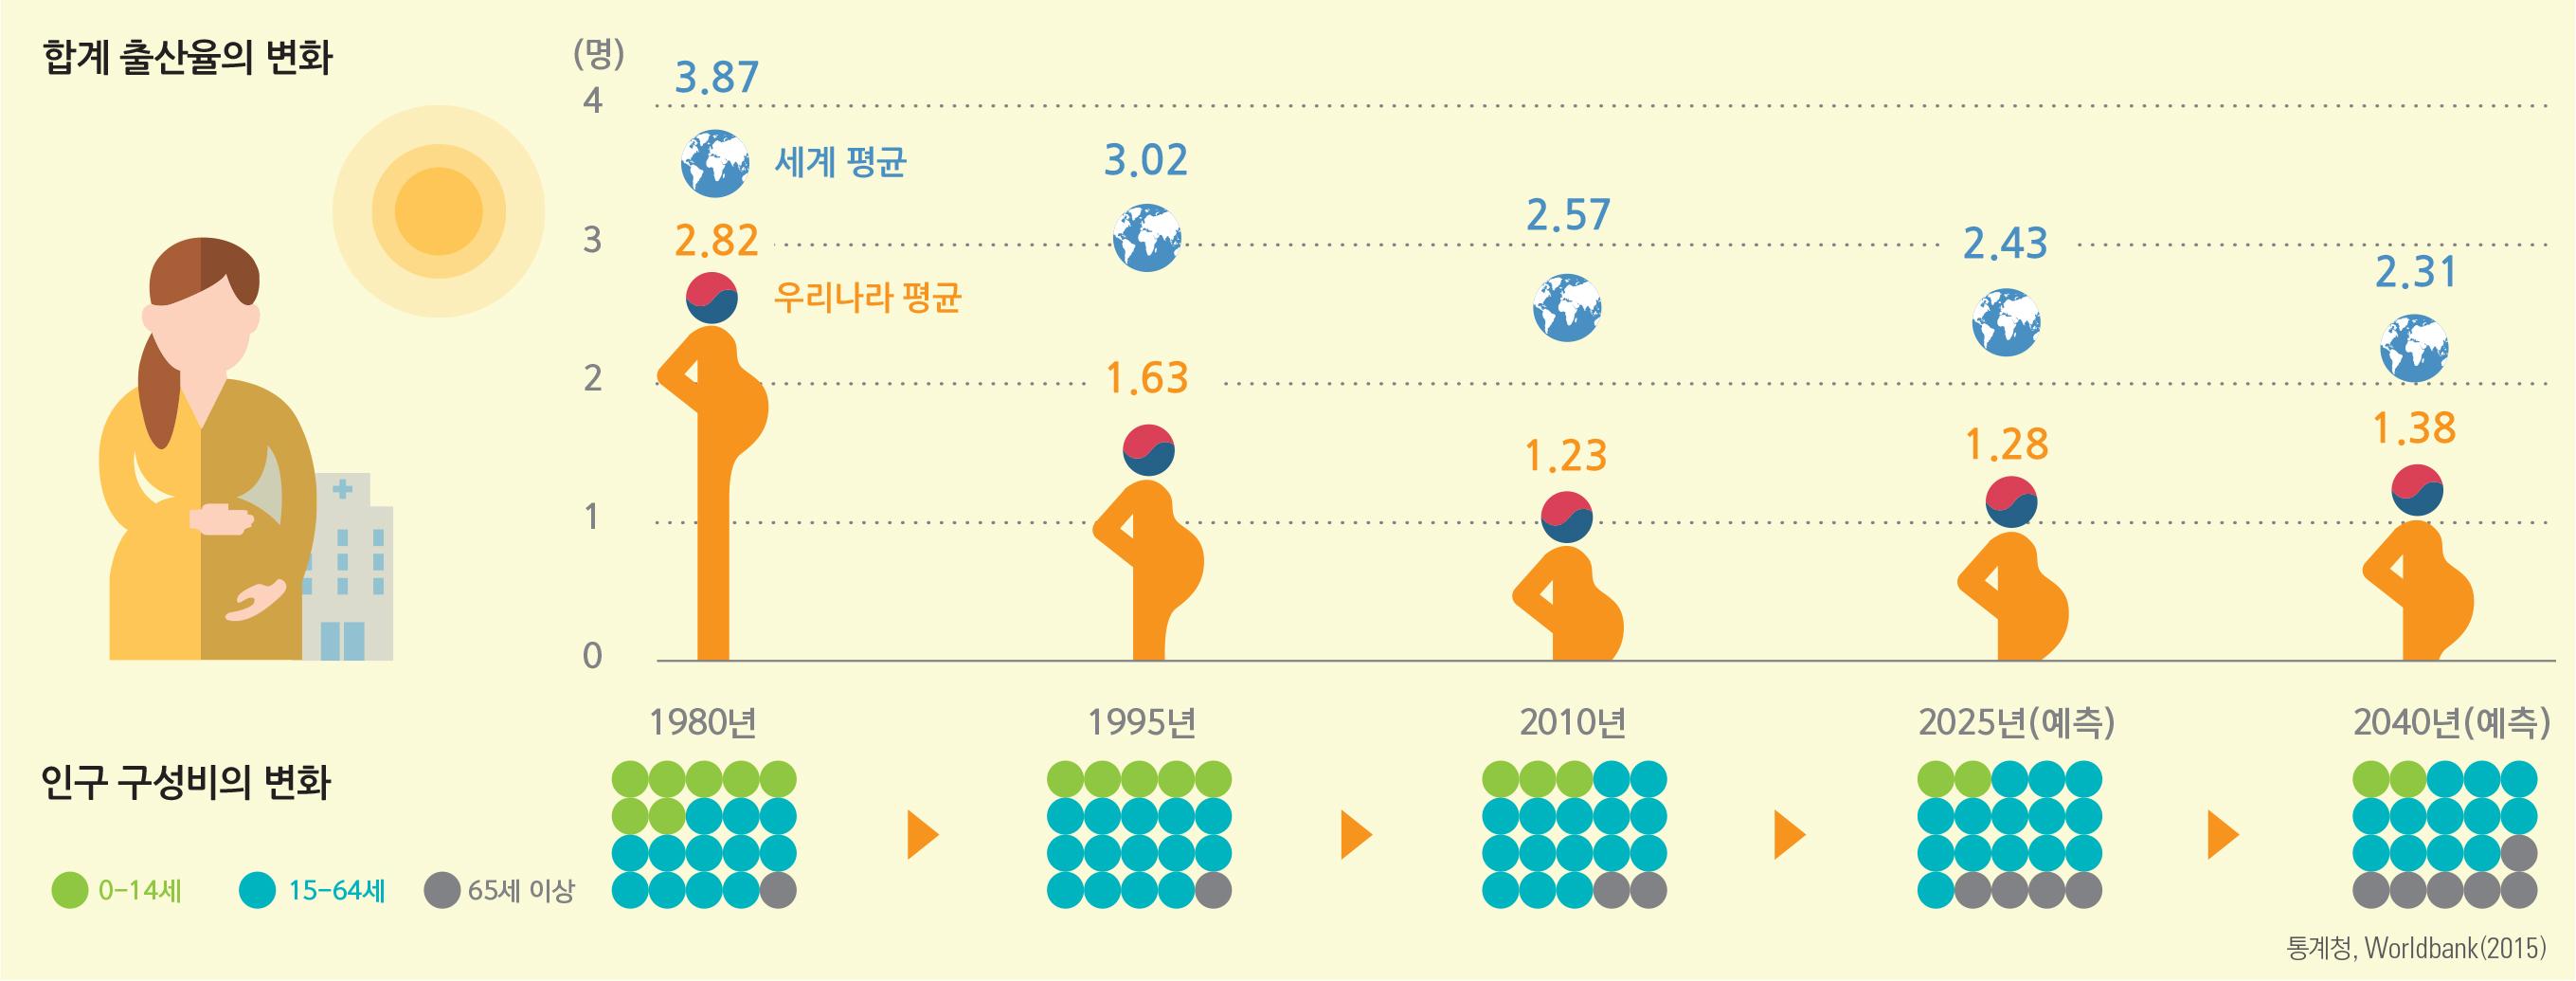 합계 출산율의 변화